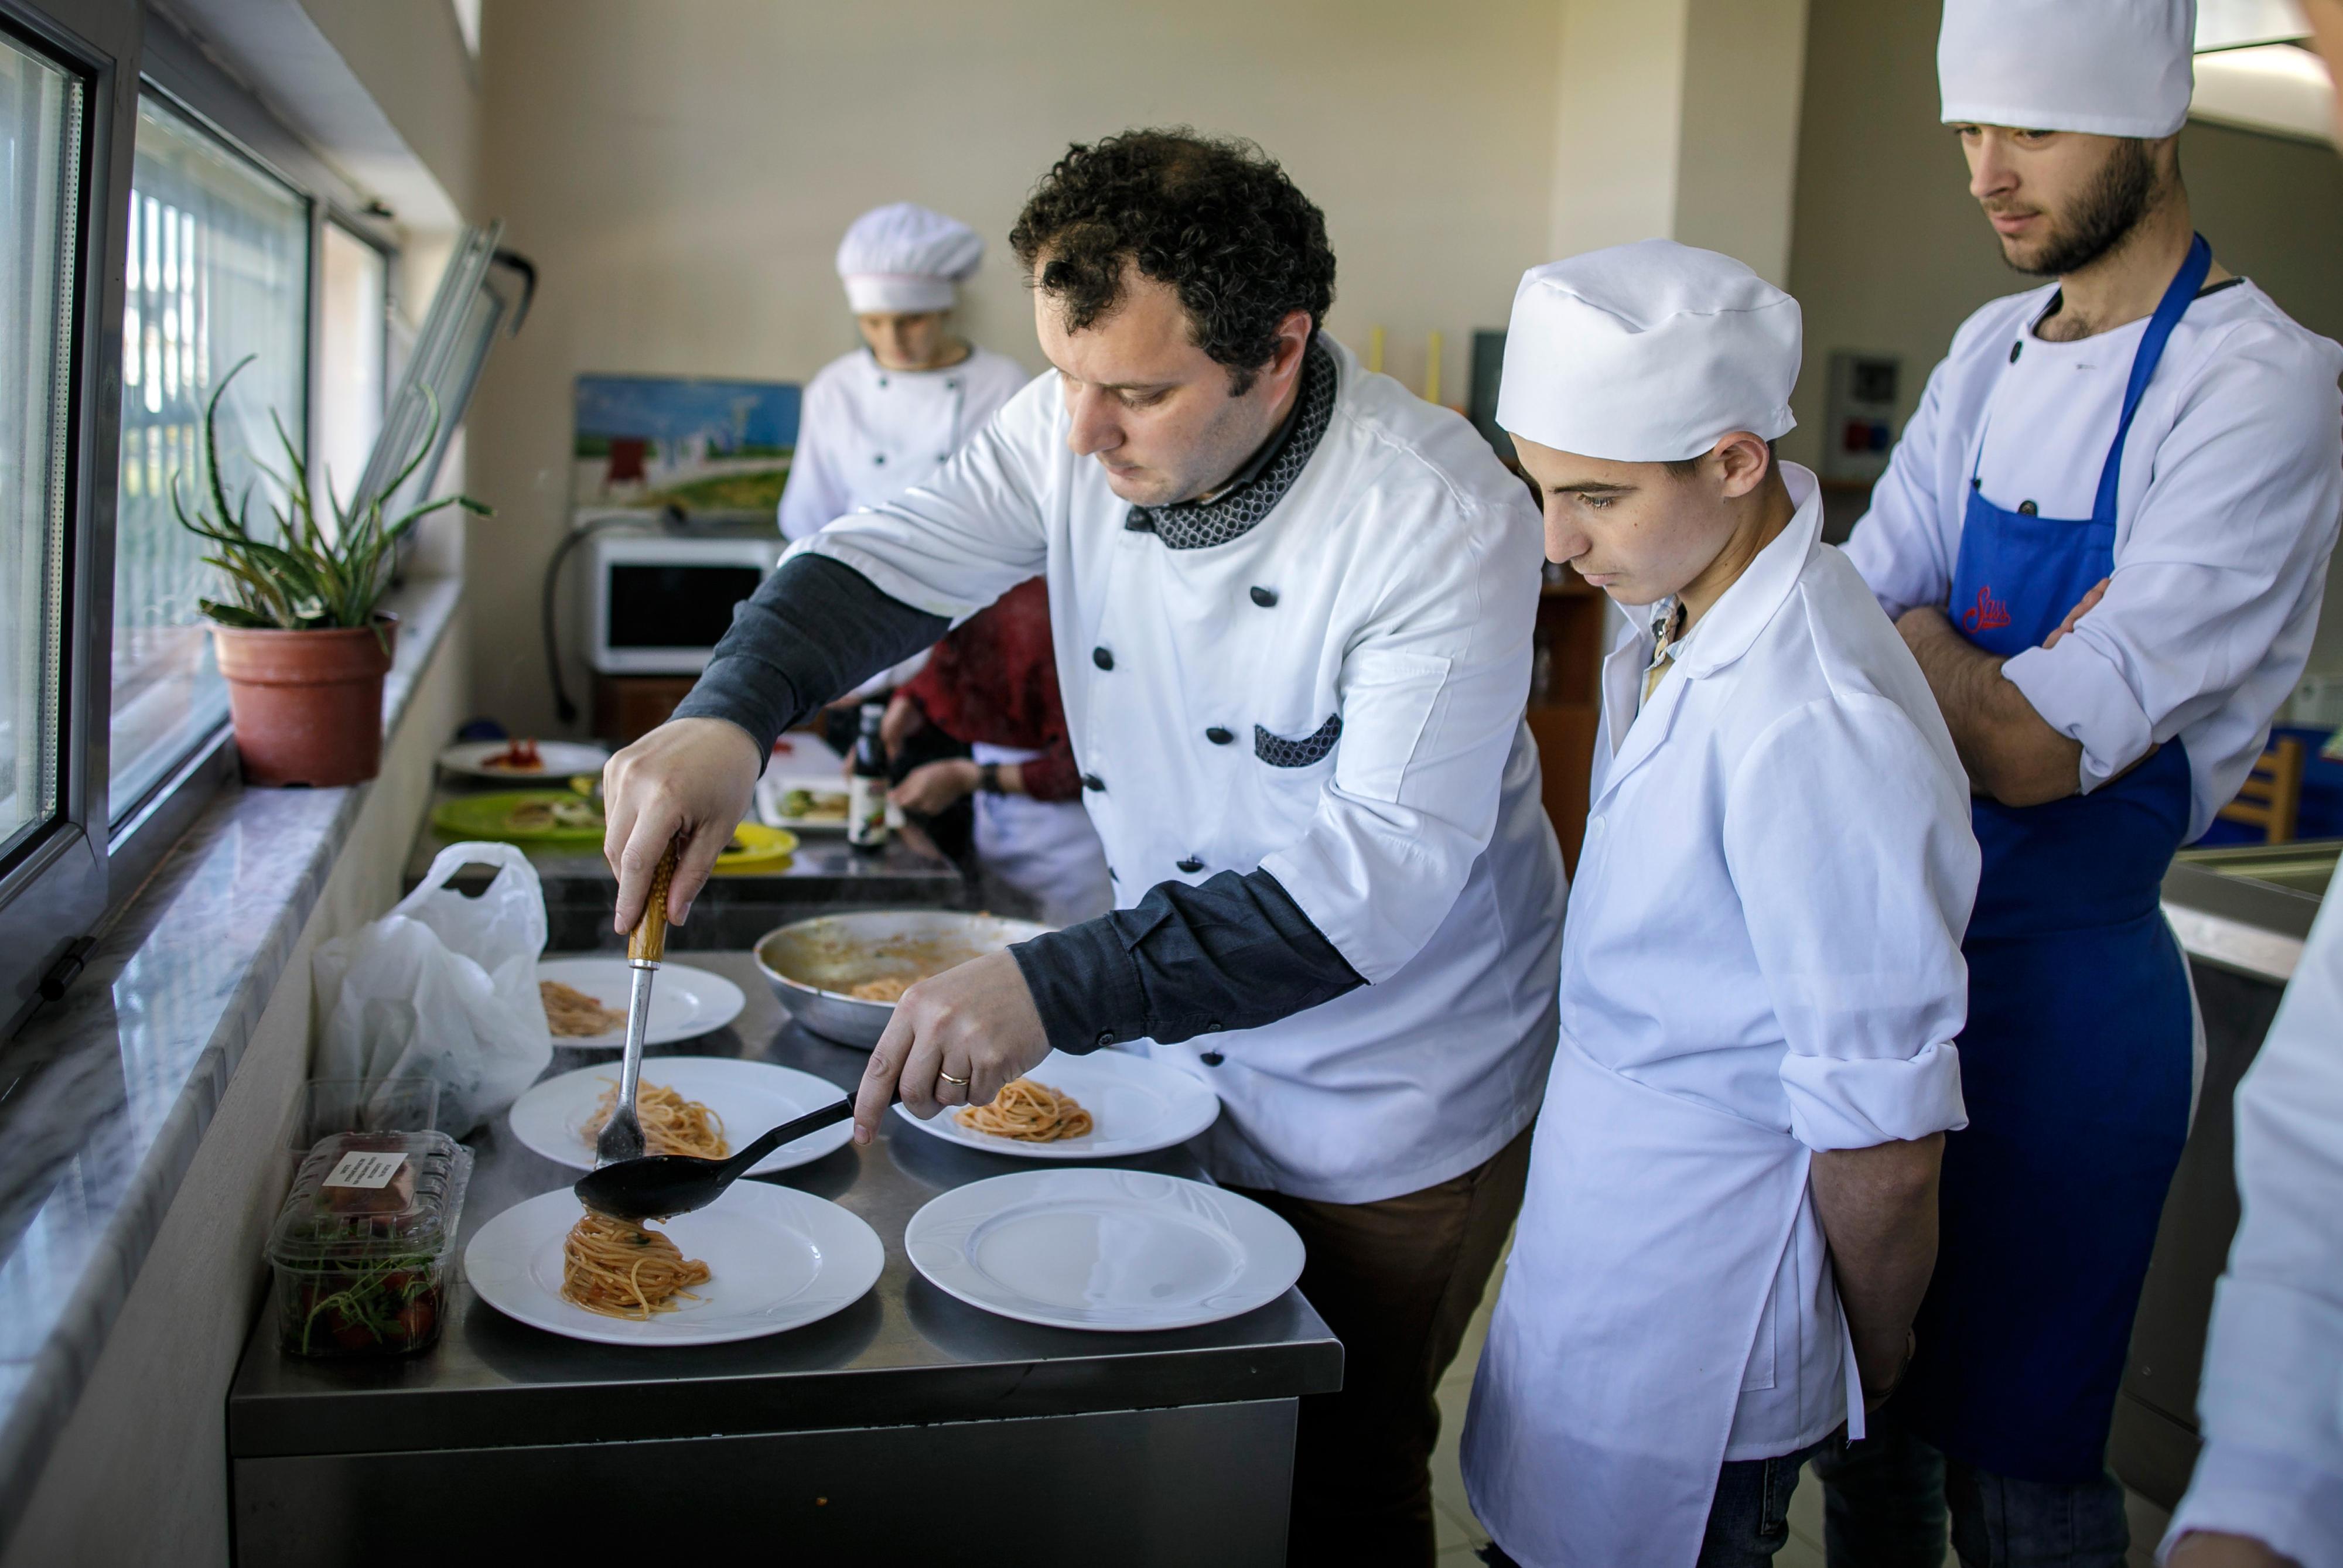 Ausbildung von Köchen in einer Berufsschule in Kamza, Albanien